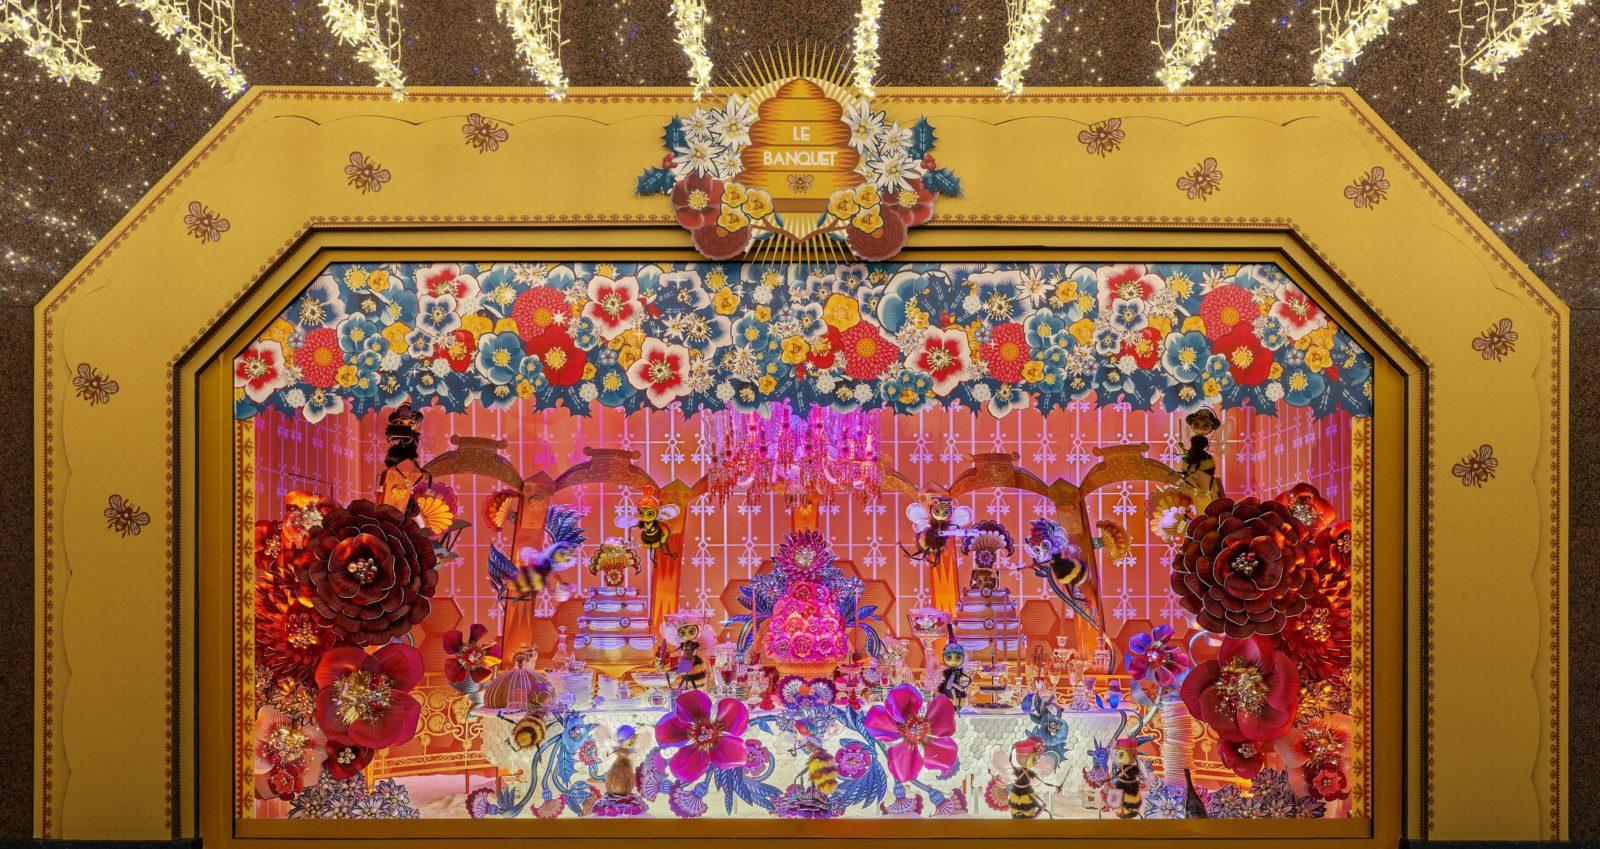 Galeries Lafayette Paris Haussmann Vitrine le banquet Noel 2019